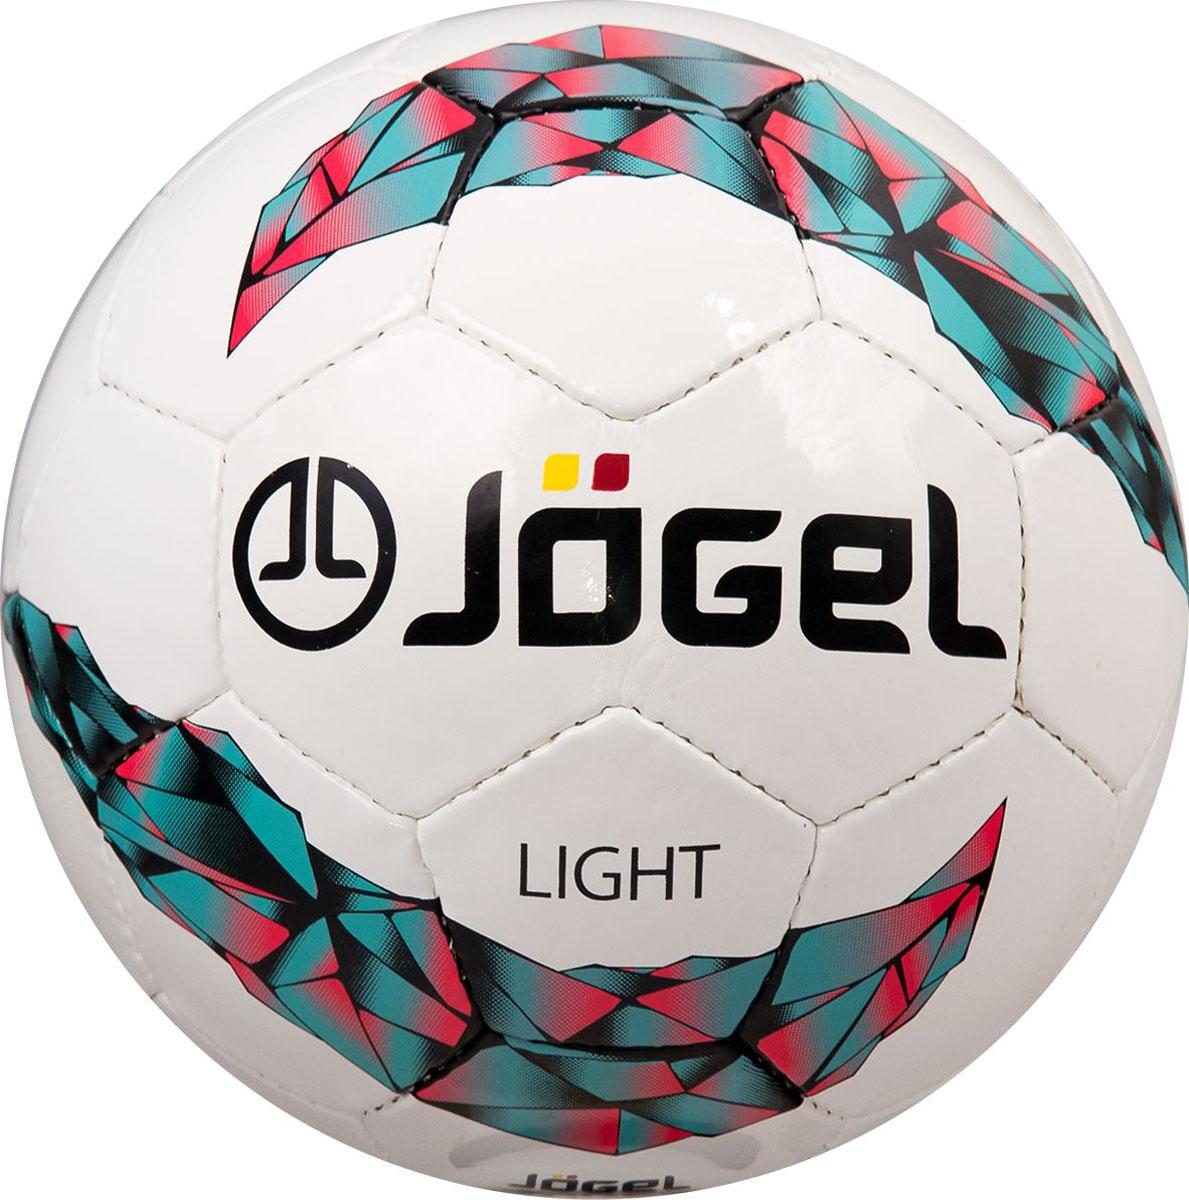 Мяч футбольный Jogel Light, цвет: белый. Размер 3. JS-550УТ-00009686Название: Мяч футбольный Jogel JS-550 Light №3Категория: Тренировочный мячКоллекция: 2016/2017Описание: Jogel JS-550 Light – это облегченный мяч ручной сшивки, предназначенный для детей до 6-8 лет. Вес данного мяча составляет 270-290 гр., что меньше веса стандартного мяча размера №3 (310-350 гр.). По своим техническим характеристикам является практически полным аналогом мяча Derby. Мяч JS-550 Light рекомендован детскими тренерами и соответствует всем требованиям тренировочного процесса для детей младшего возраста. Размер №3 предназначается для тренировок детей в возрасте до 6-8 лет. Поверхность мяча выполнена из глянцевой синтетической кожи (полиуретан) толщиной 1,0 мм. Мяч имеет 3 подкладочных слоя на нетканой основе (смесь хлопка с полиэстером) и оснащен латексной камерой с бутиловым ниппелем, обеспечивающим долгое сохранение воздуха в камере.Уникальной особенностью, характерной для бренда Jogel, является традиционная конструкция мячей из 30 панелей. Привлекательный дизайн Коллекции 2016/2017 ярко выделяет мячи Jogel на витрине. Данный мяч подходит для поставок на гос. тендеры. При производстве мячей Jogel не используется детский труд. Официальный размер FIFA.Рекомендованные покрытия: натуральный газон, синтетическая трава, резина, гаревые поля, паркетМатериал поверхности: Синтетическая кожа (полиуретан) толщиной 1,0 ммМатериал камеры: ЛатексТип соединения панелей: Ручная сшивкаКоличество подкладочных слоев: 3Количество панелей: 30Размер: 3Вес: 270-290 гр.Длина окружности: 59-61 смРекомендованное давление: 0.4-0.6 барОсновной цвет: белыйДополнительный цвет: мятный, коралловый, черныйБренд: JogelСтрана бренда: ГерманияПроизводство: ПакистанВес брутто: 0.35 кг.